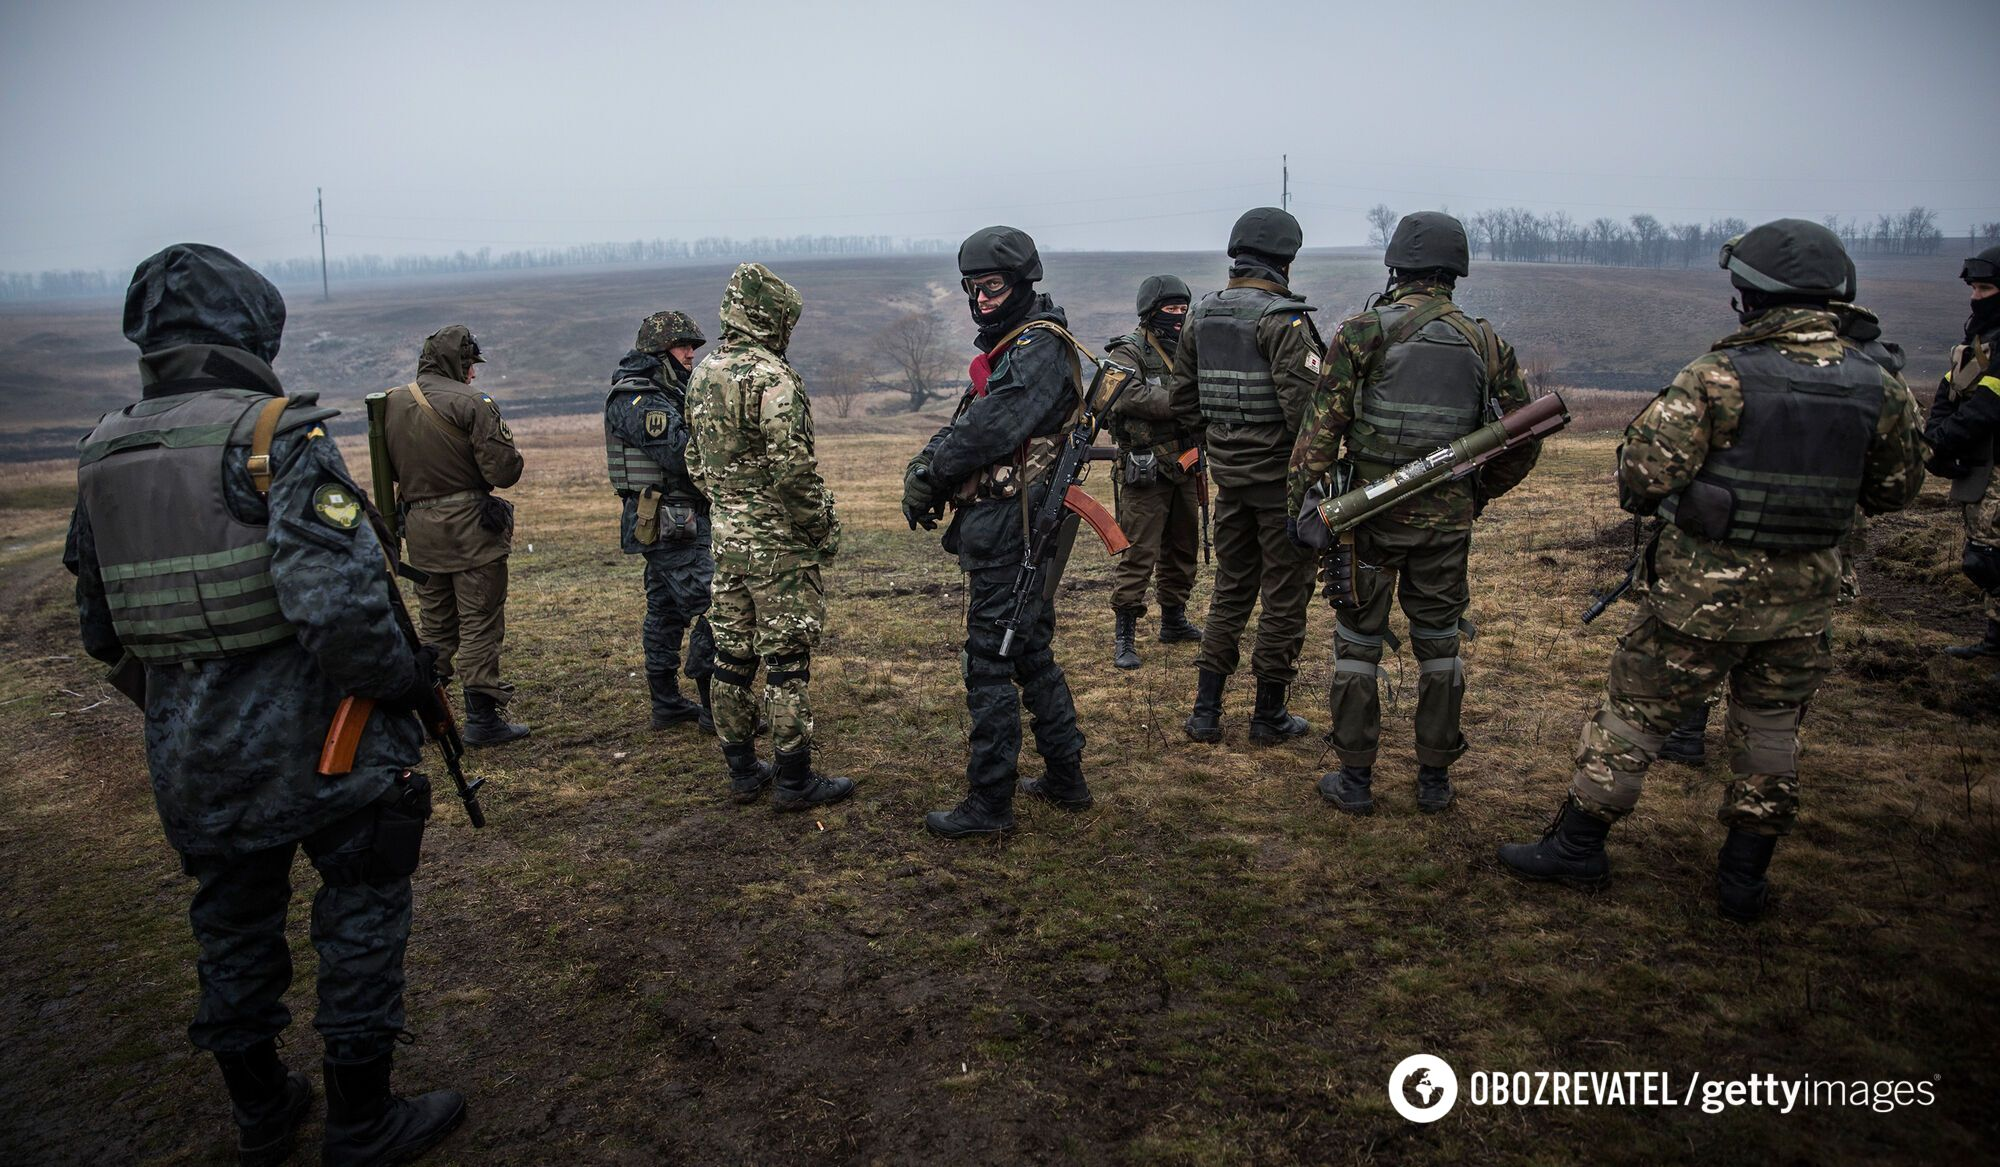 Українські війська на тренуваннях поблизу міста Маріуполя Донецької області